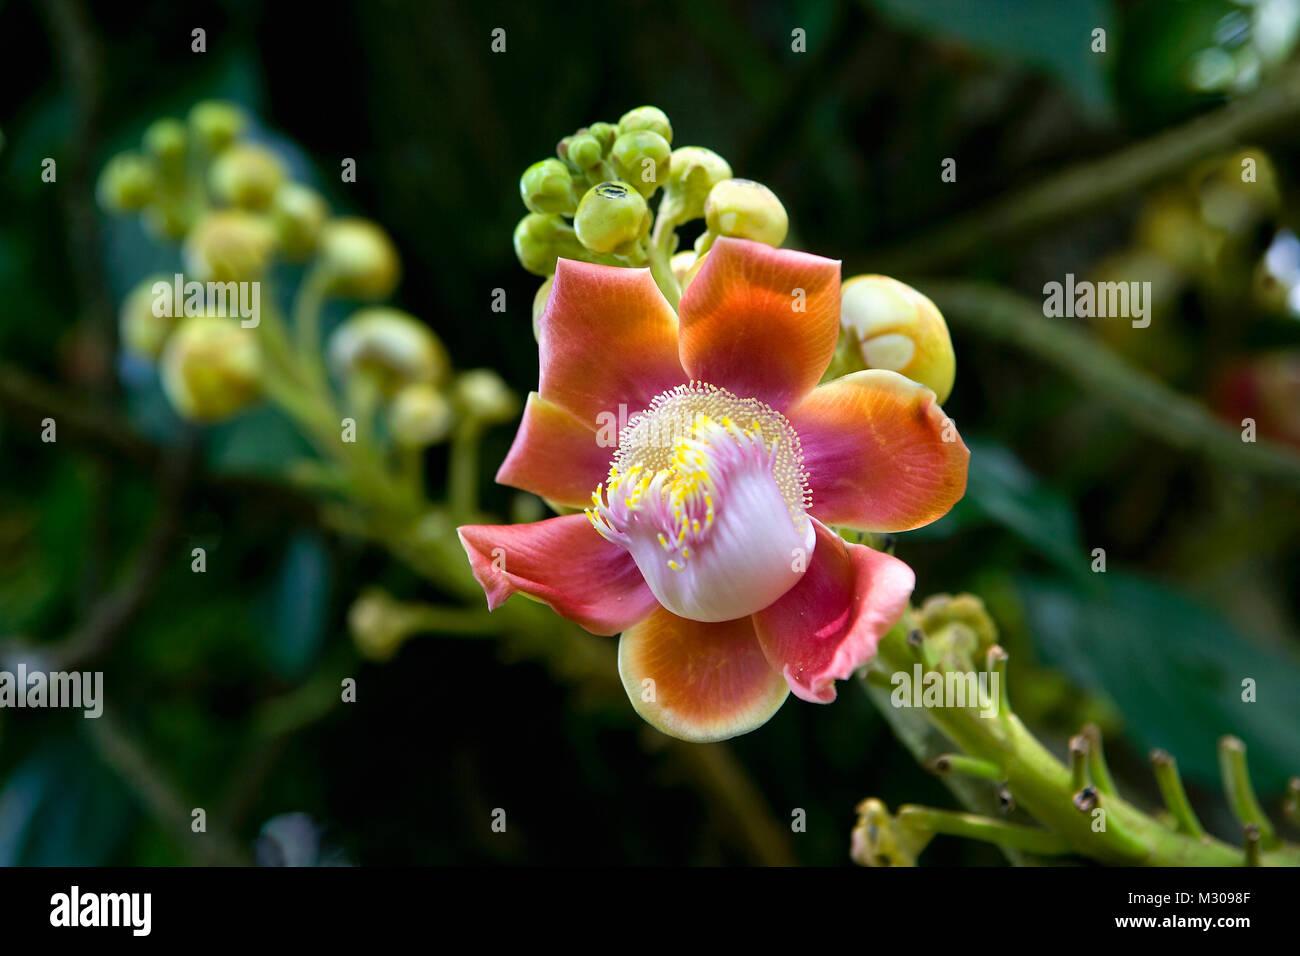 Suriname, Kwamalasamutu, Flowers of Cannon Ball tree (Couroupita guianensis). - Stock Image